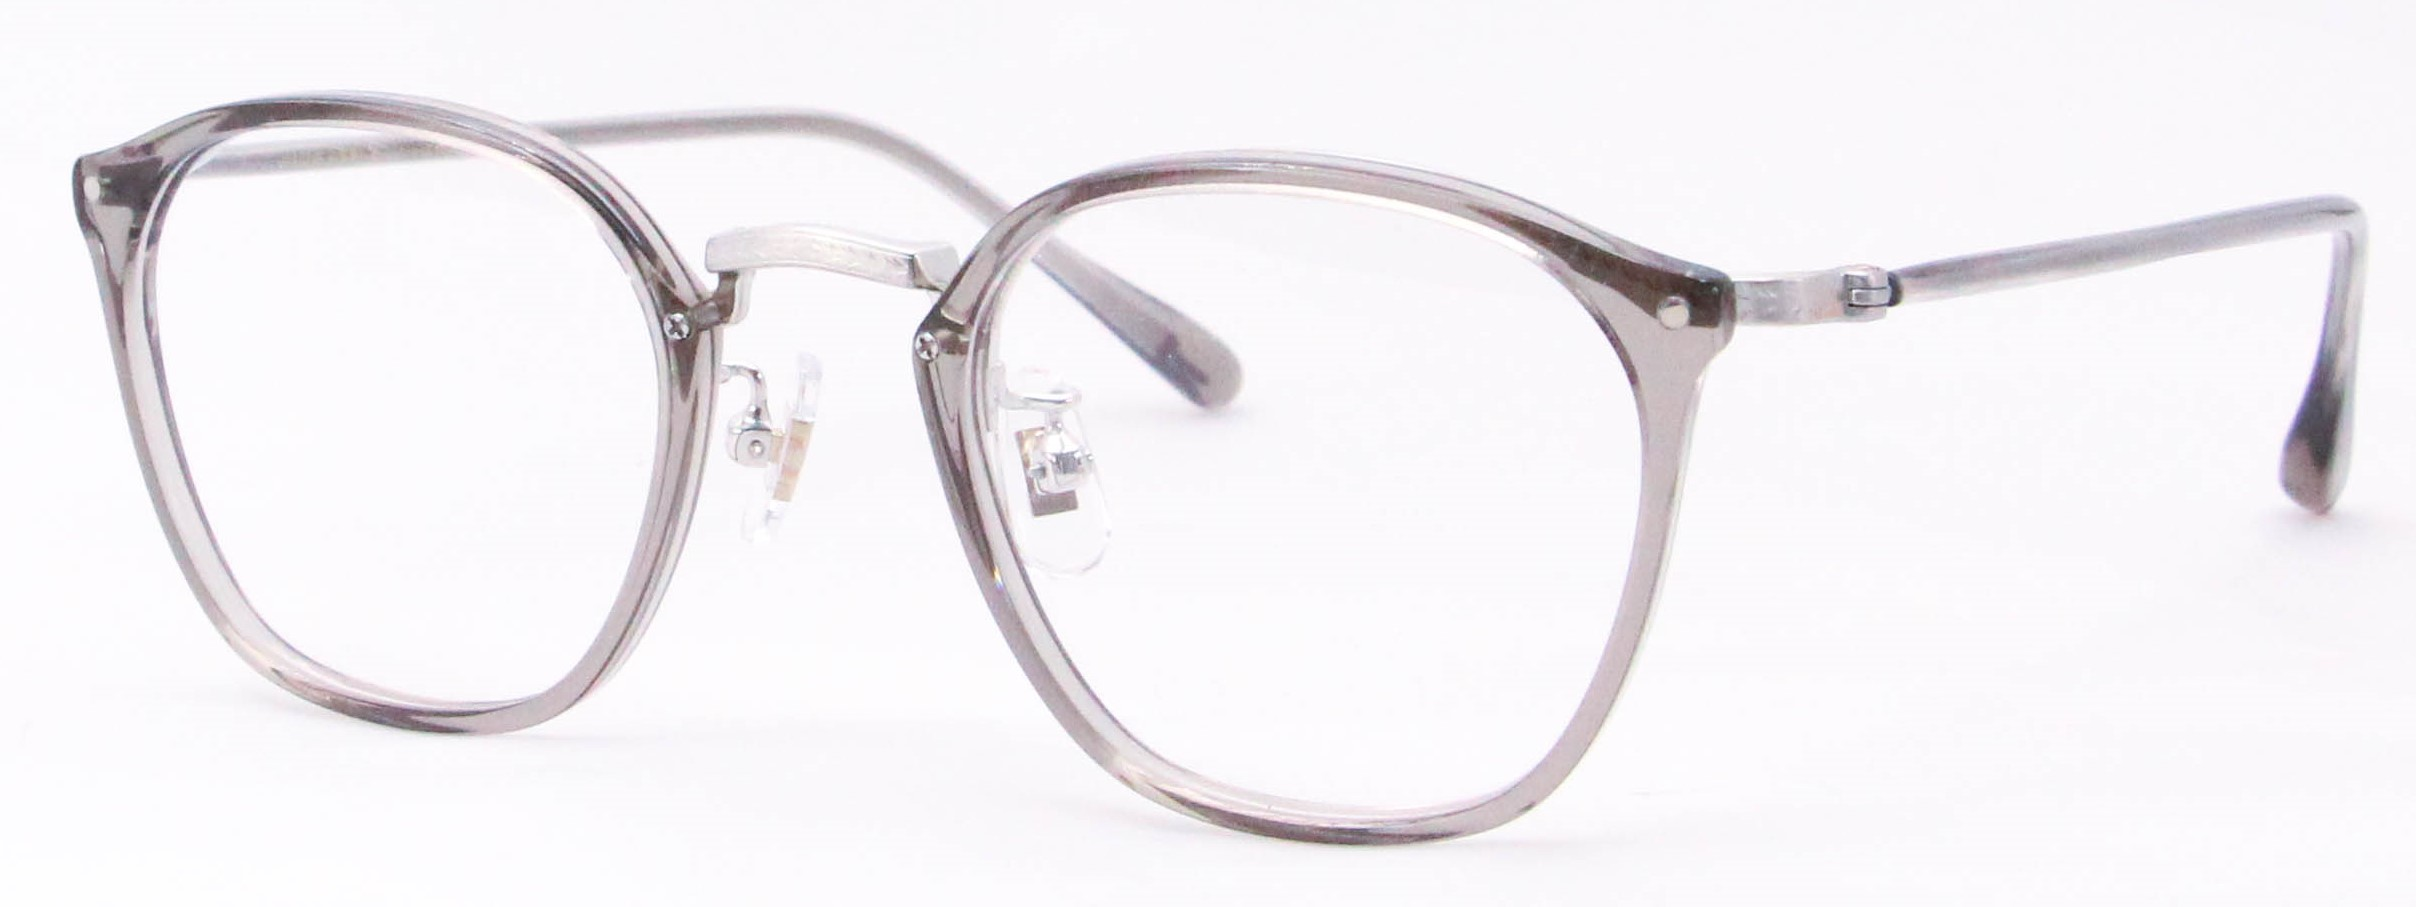 眼鏡のカラータイプC-6 Gray/Silver サンプラチナ飾り